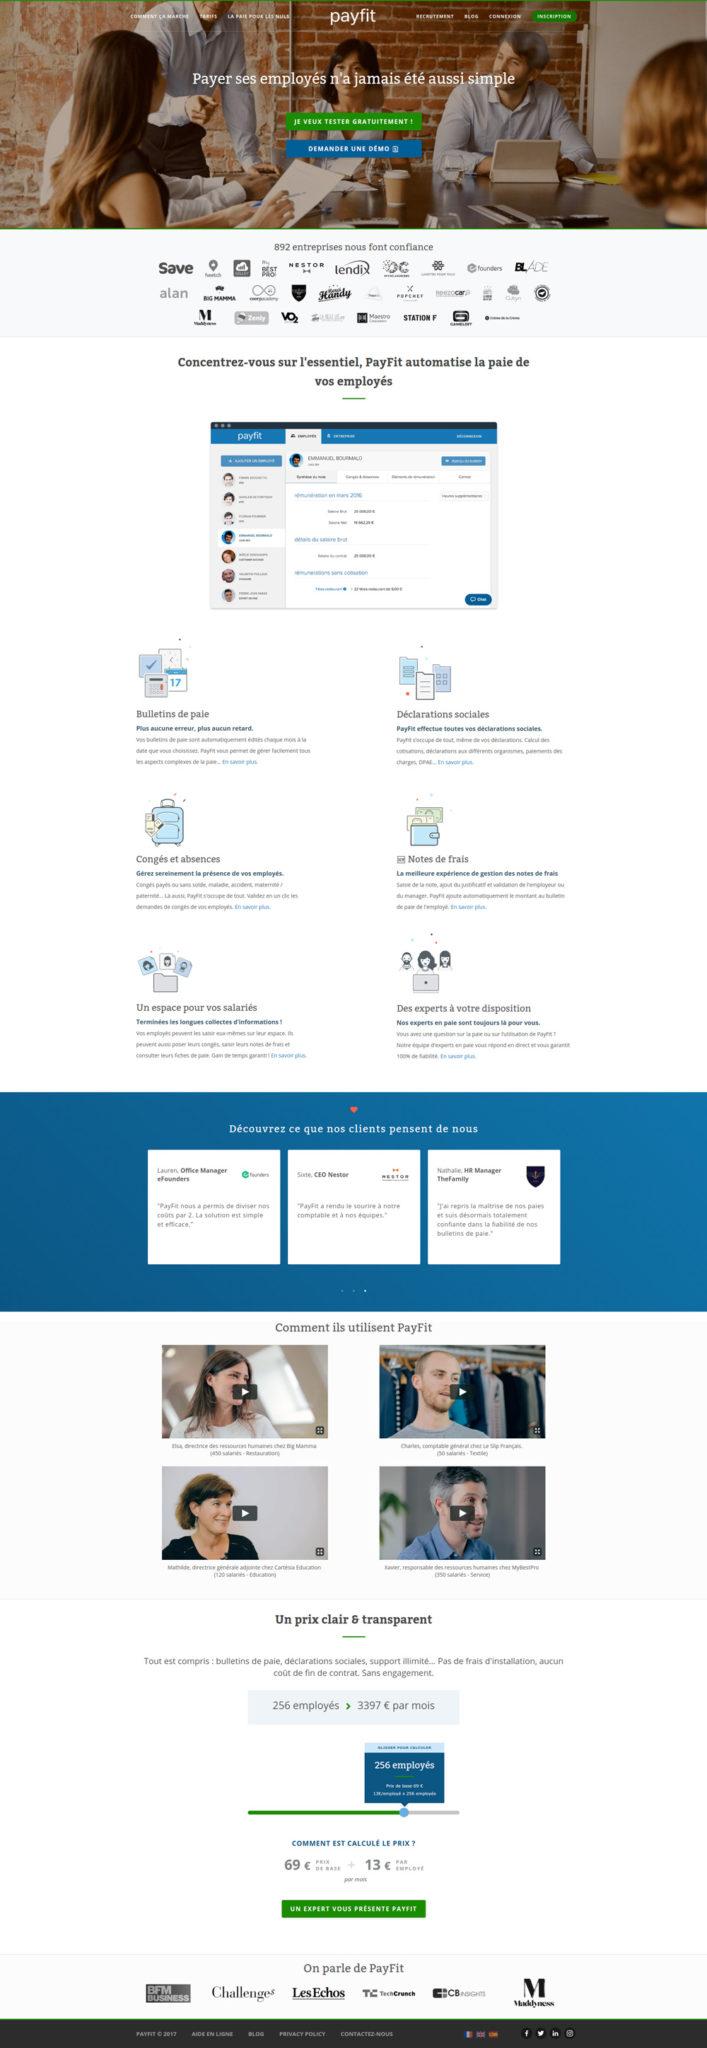 Landing Page - Payfit